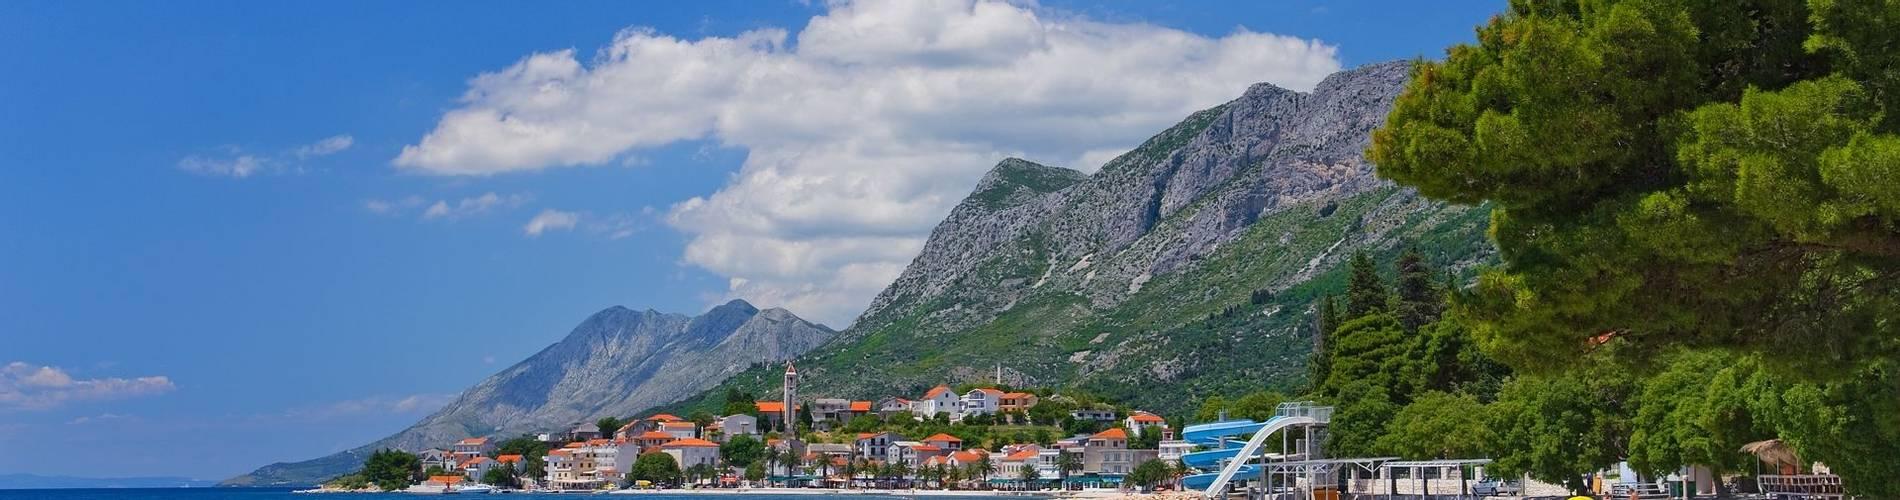 beach view gradac ).jpg